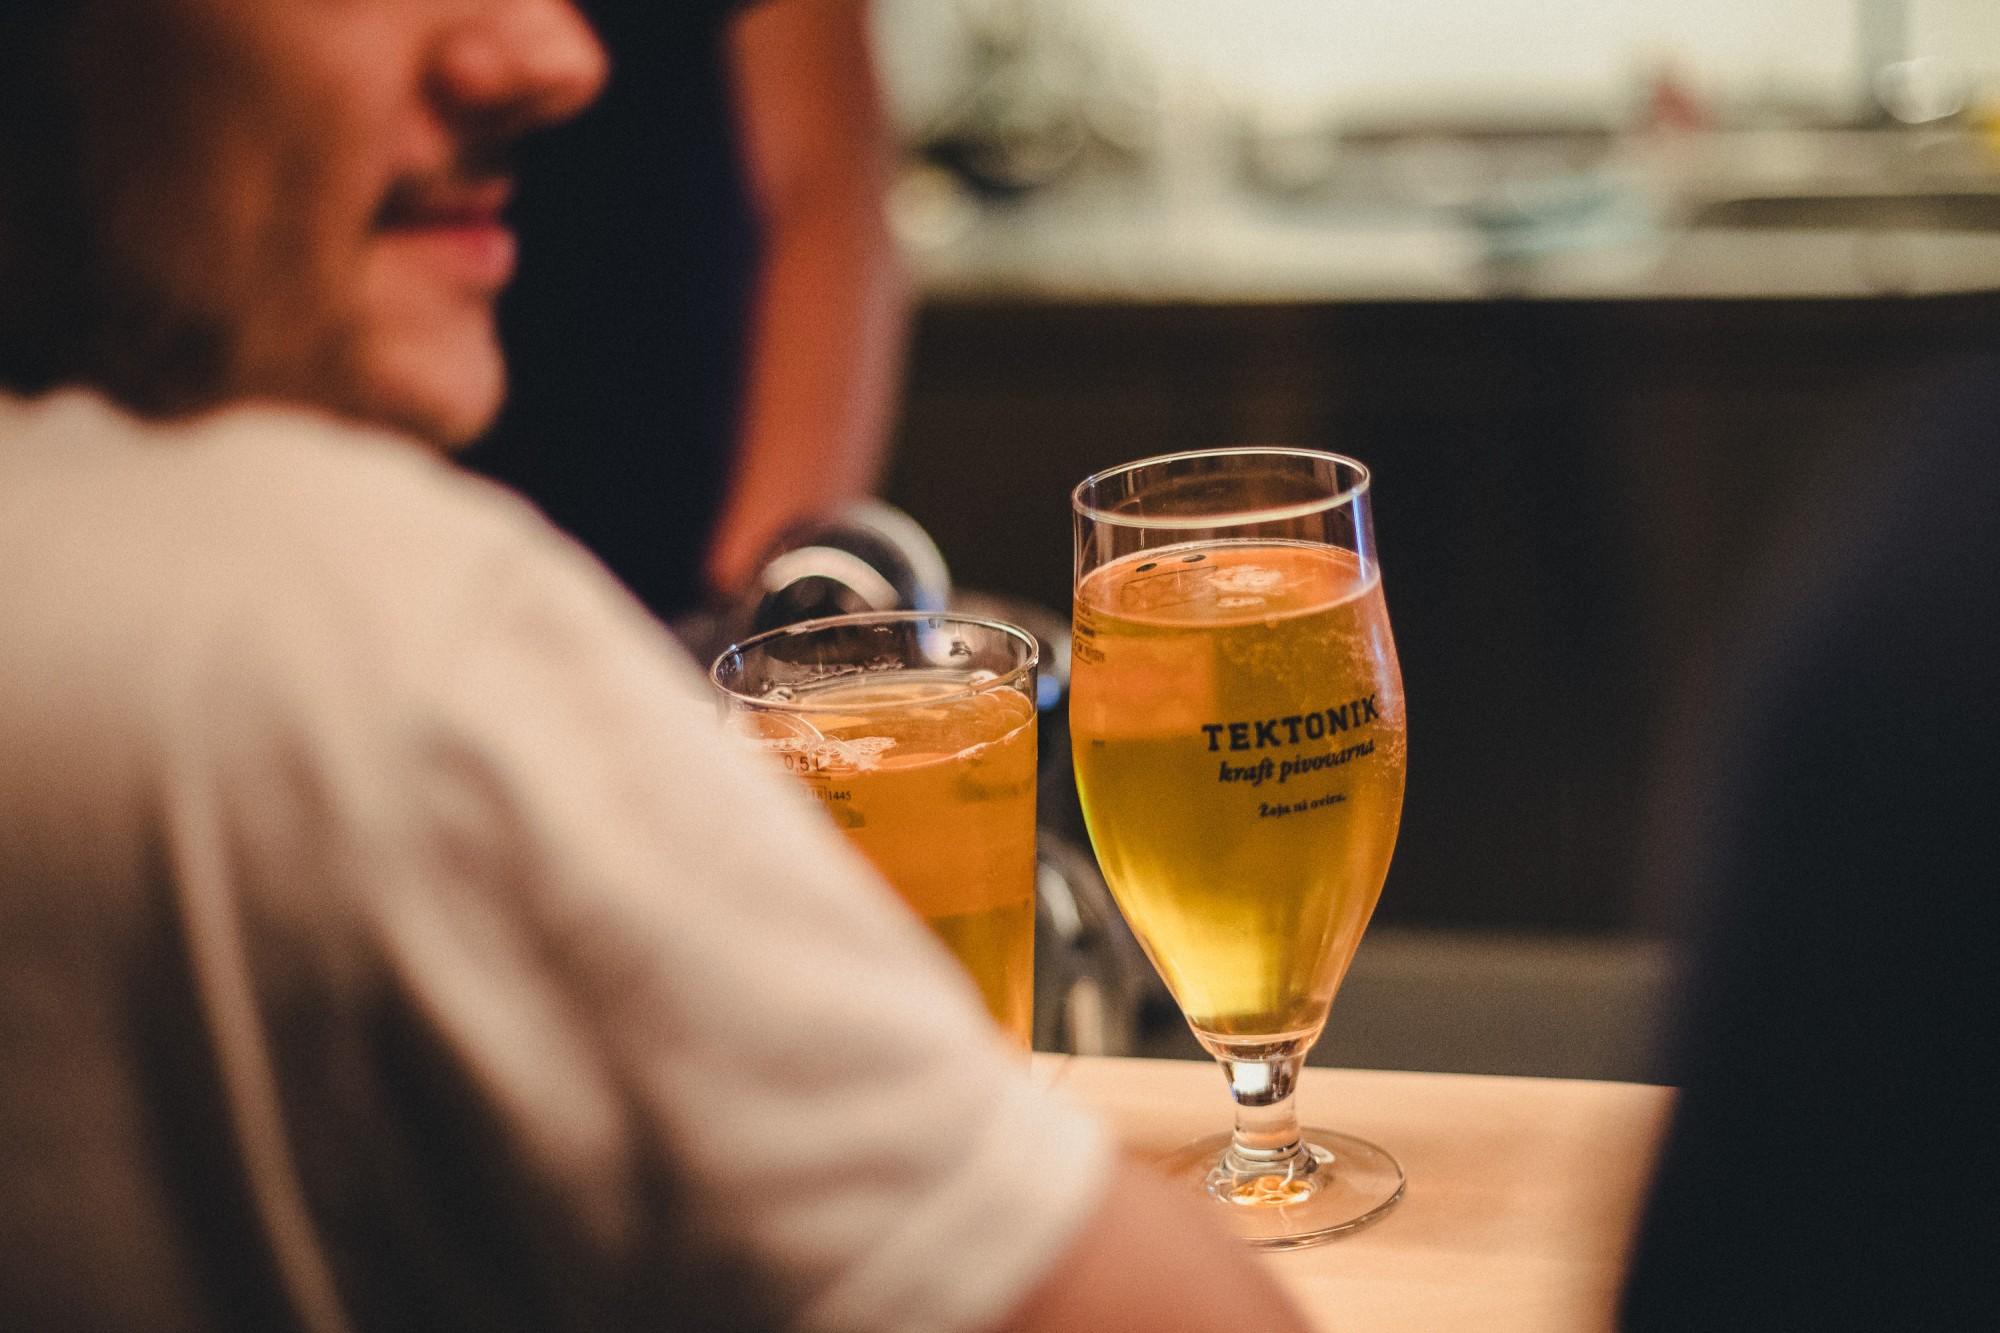 Pivski bolder tudi čez poletje